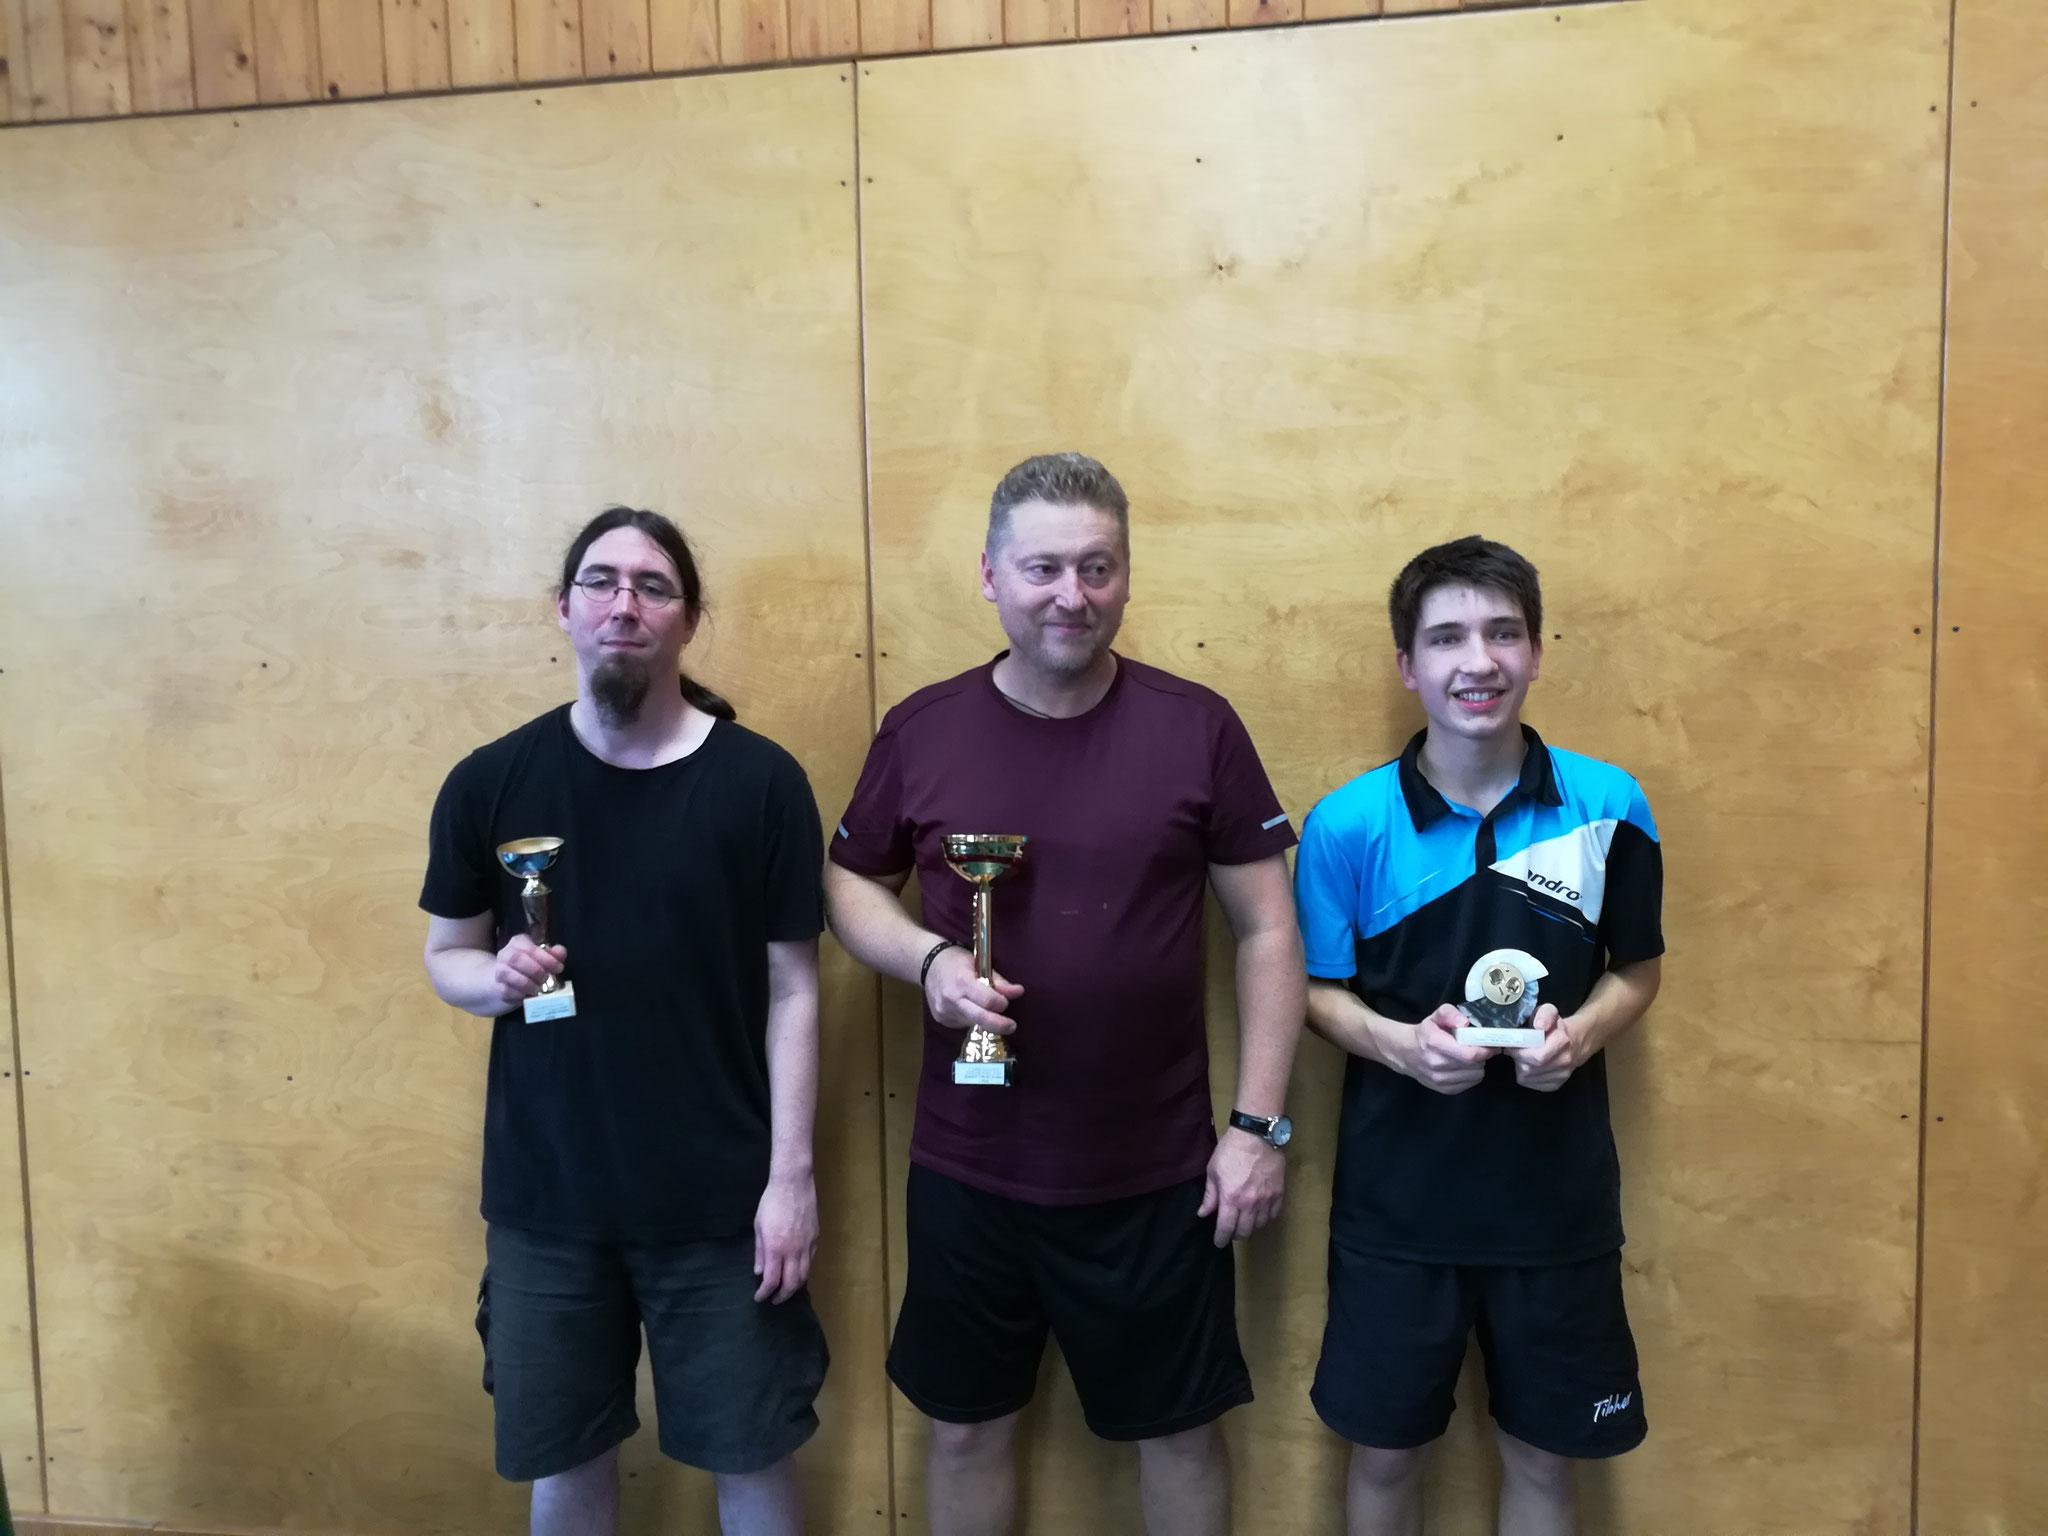 Siegerfoto Bewerb F: v.l.n.r. Michael Müller (Platz 2), Ernst Schlechta (ENZE) (Sieger), Sebastian Auer (SIER) (Platz 3)